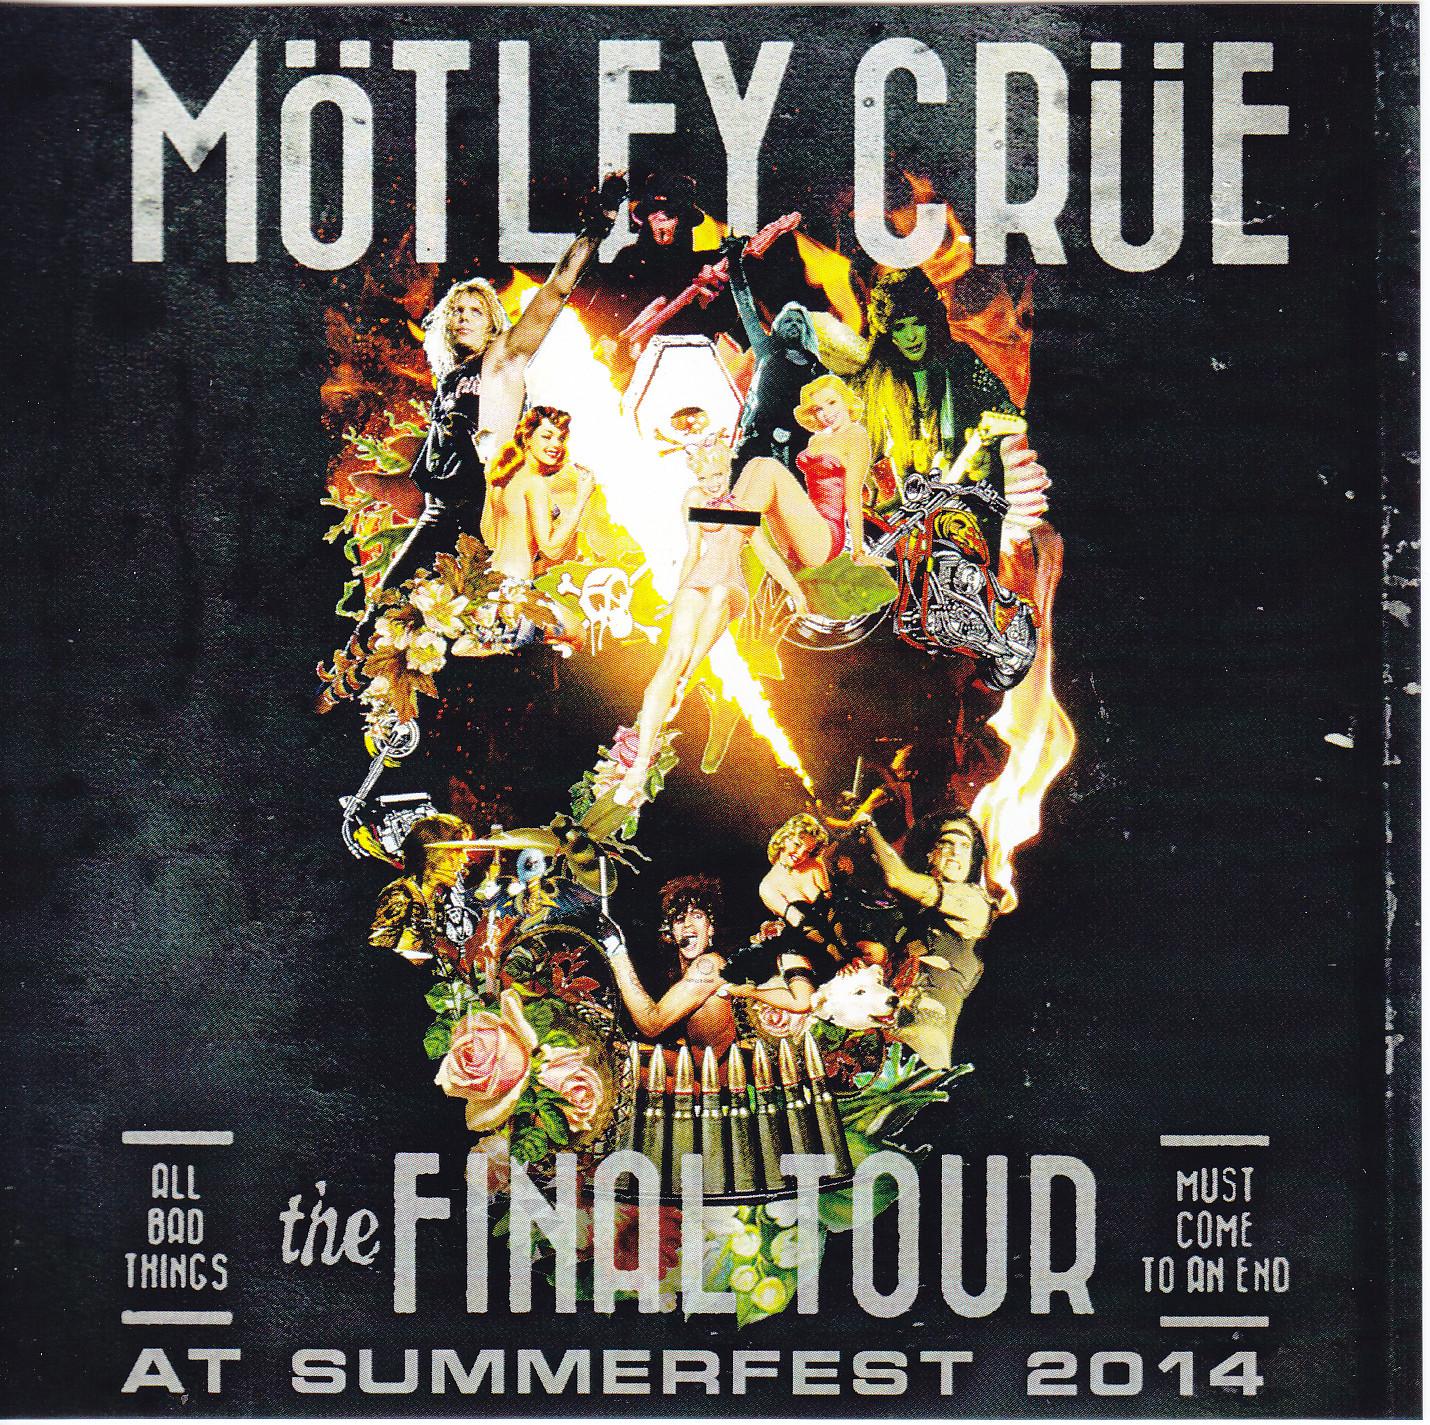 Motley Crue / The Final Tour At Summerfest 2014 / 2CDR